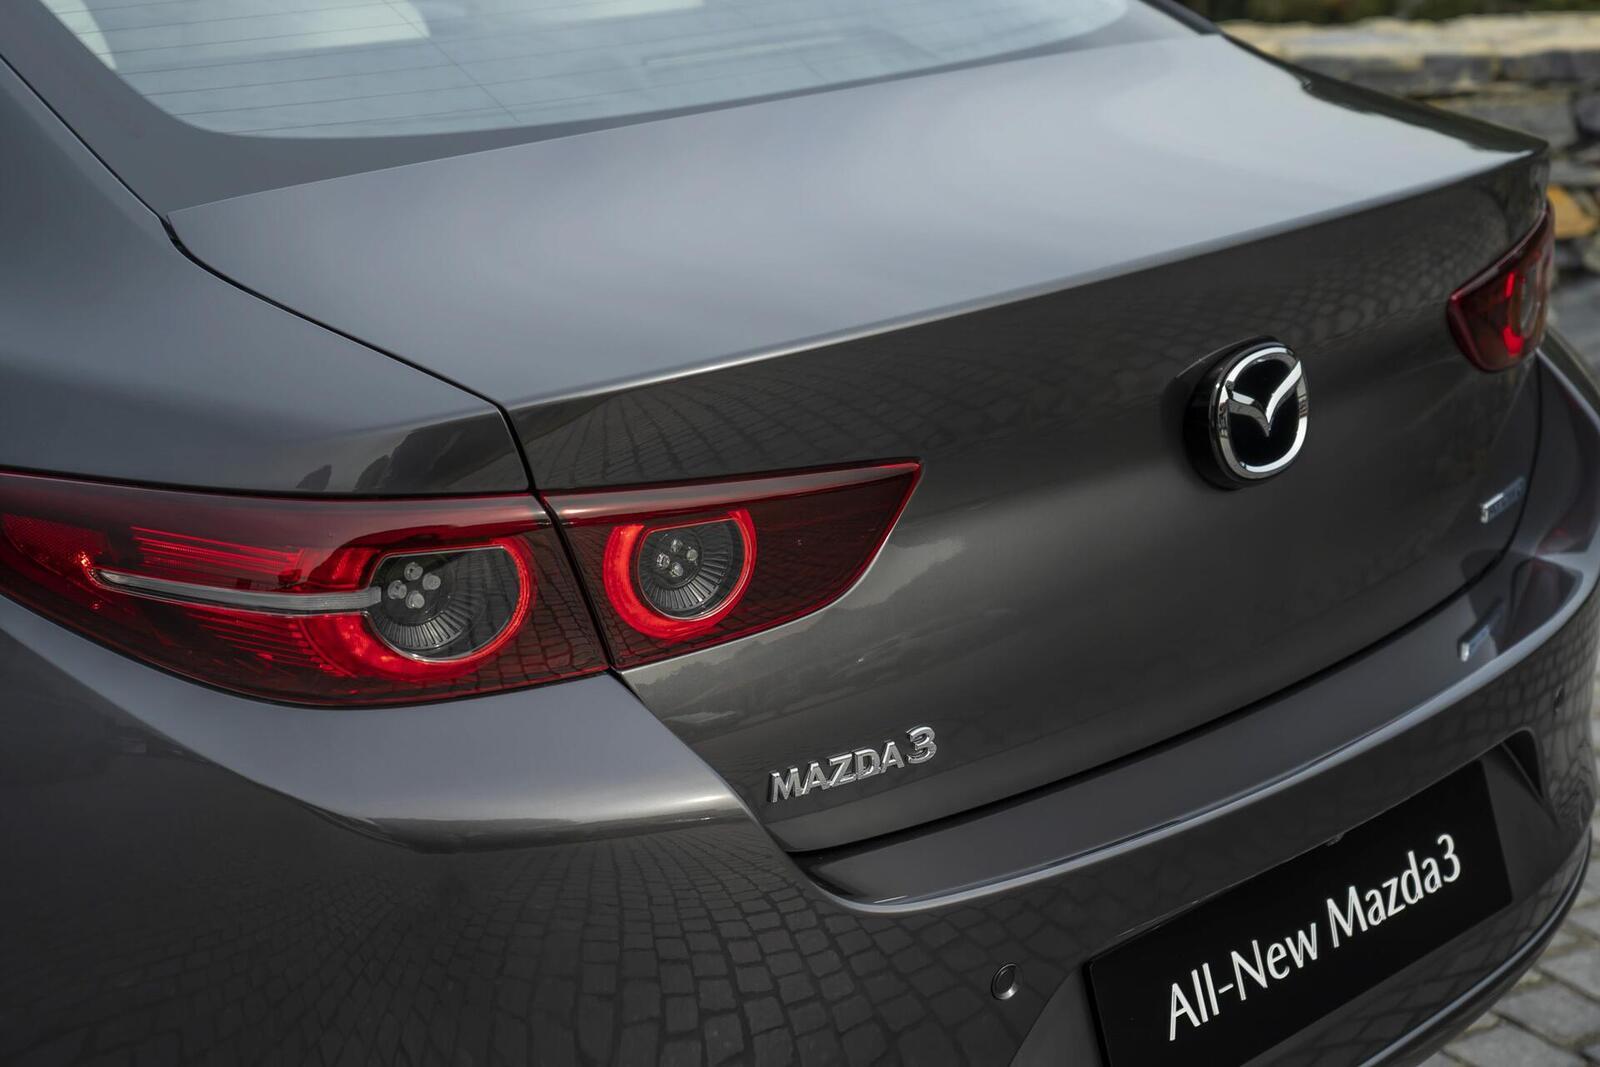 Mazda3 thế hệ mới chốt lịch ra mắt tại Malaysia vào tháng sau; giá dự kiến từ 764 triệu đồng - Hình 18